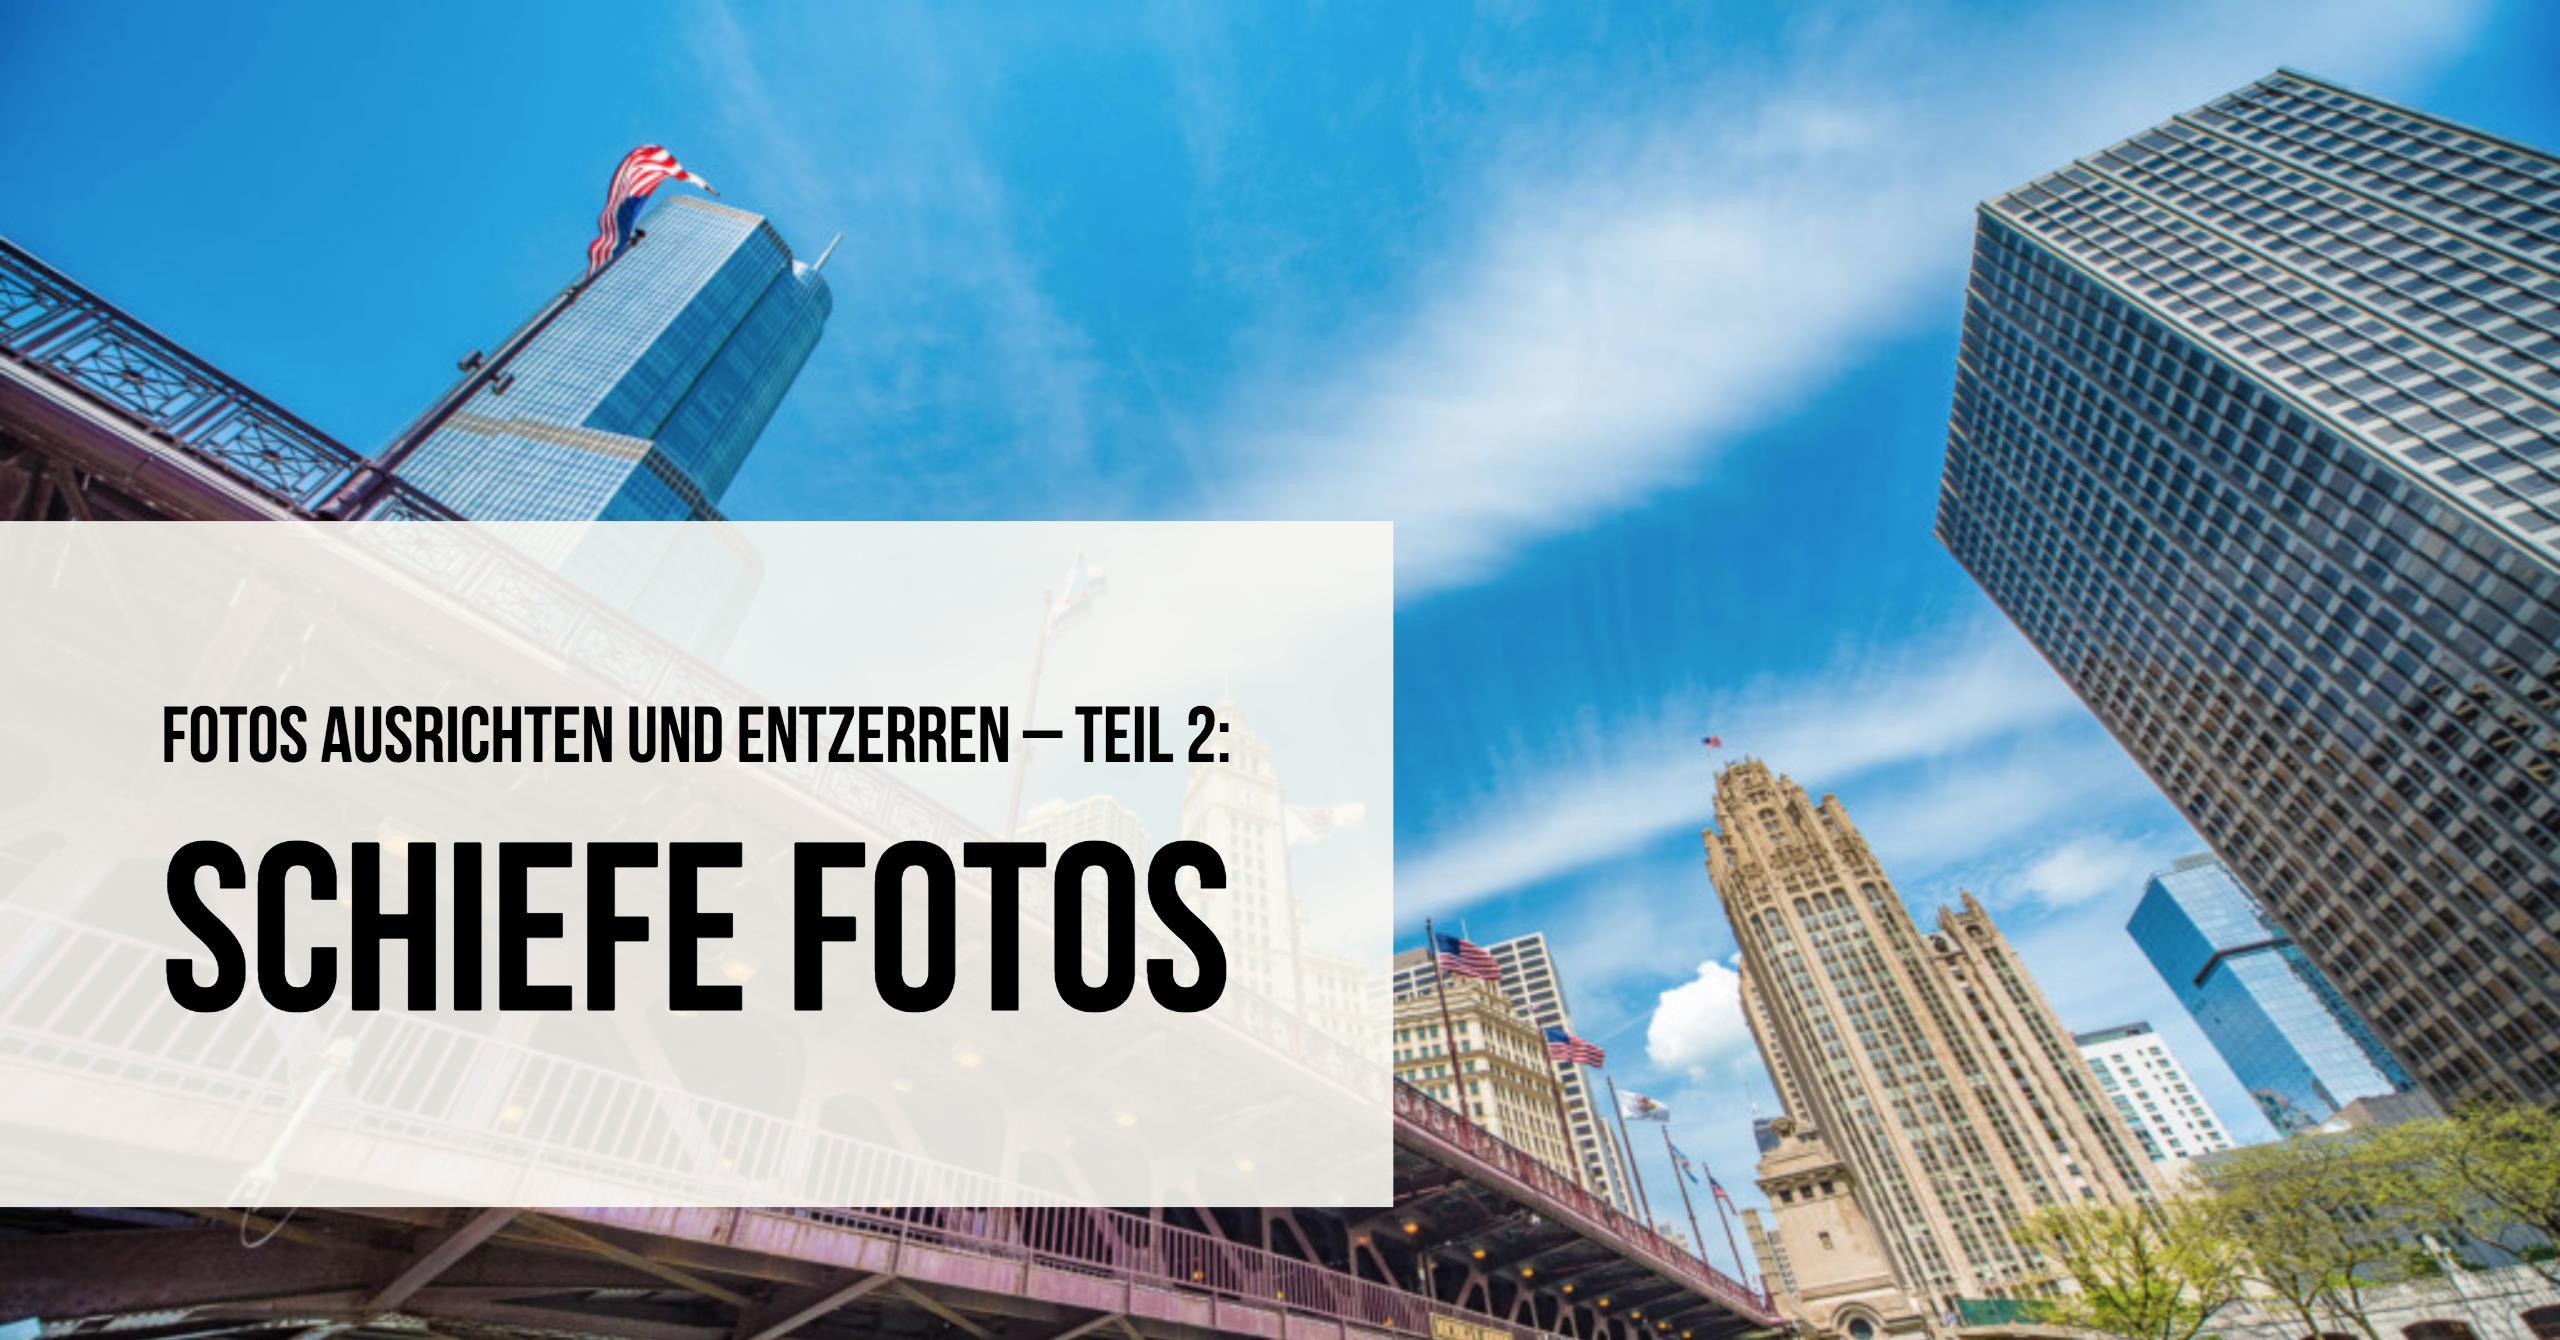 fotos-ausrichten-entzerren-theorie-teil-2-teaser